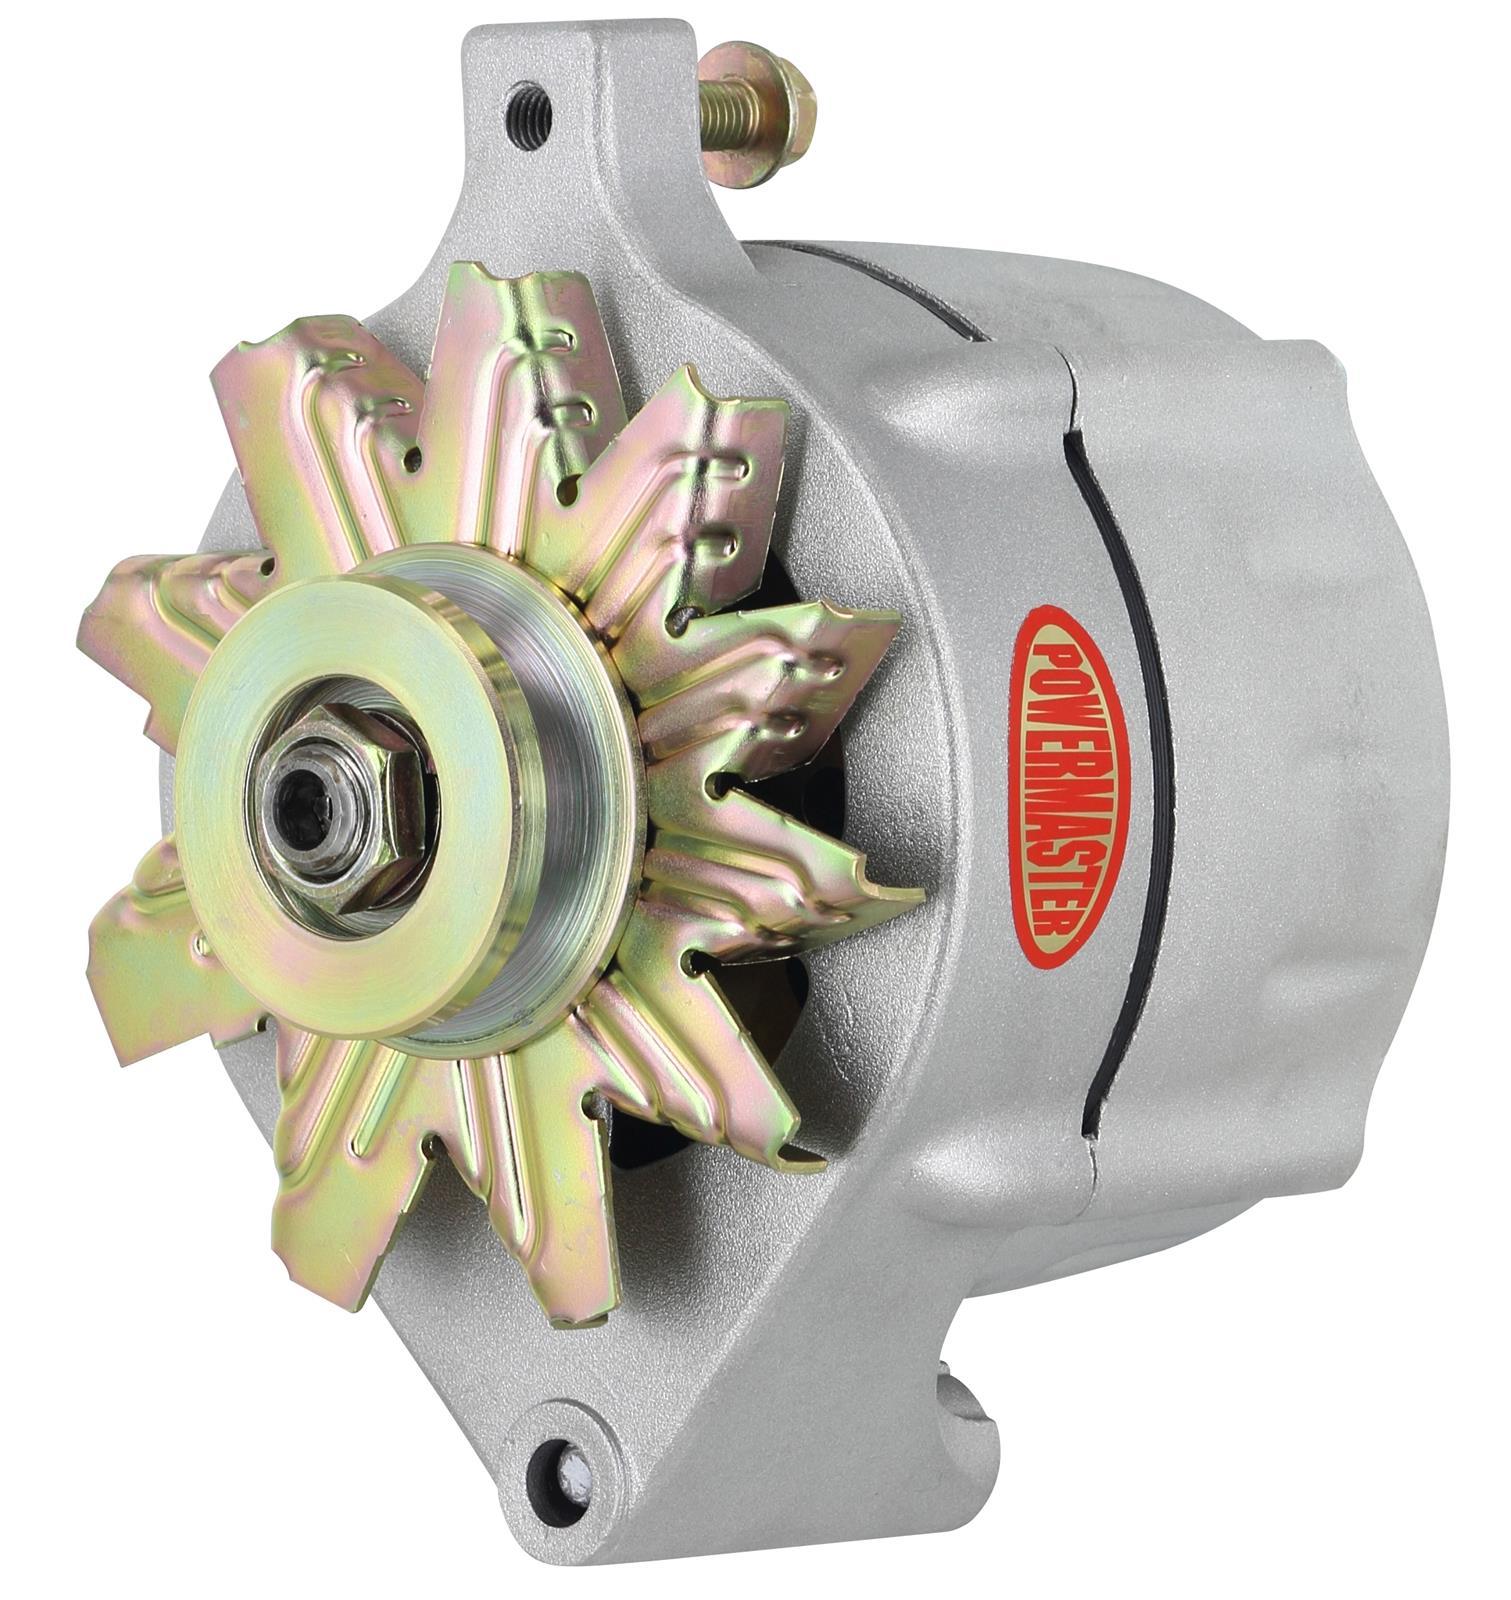 Powermaster Street Alternators 8 47101 Free Shipping On Orders Alternator Wiring Diagram Over 99 At Summit Racing